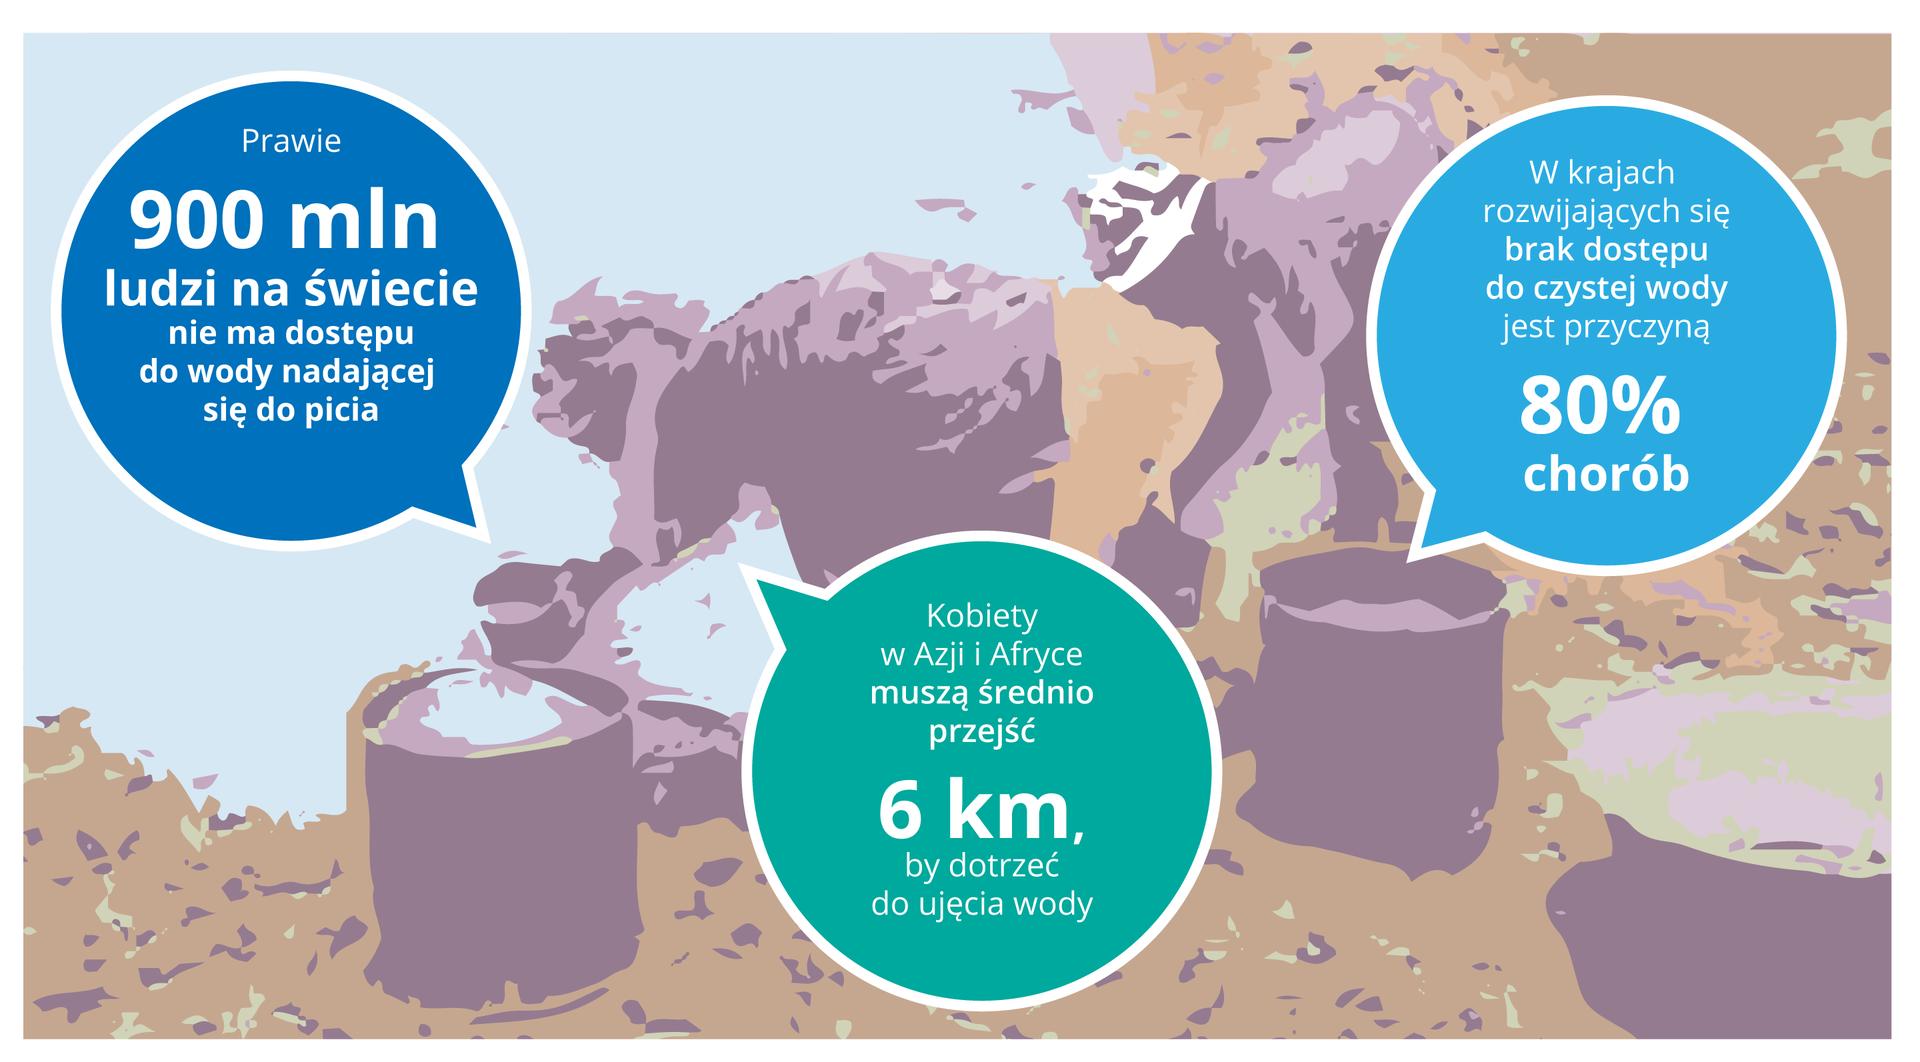 Ilustracja przedstawia wtle schylone sylwetki kobiet, nabierających wodę na brzegu zbiornia. Obok nich stoją różne pojemniki. Wkołach umieszczono informacje. Wniebieskim zlewej: prawie 900 mln ludzi na świecie nie ma dostępu do wody, nadającej się do picia. Wturkusowym wśrodku: kobiety wAzji iAfryce muszą średnio przejść 6km, by dotrzeć do ujęcia wody. Wniebieskim zprawej: wkrajach rozwijających się brak dostępu do czystej wody jest przyczyną 80% chorób.